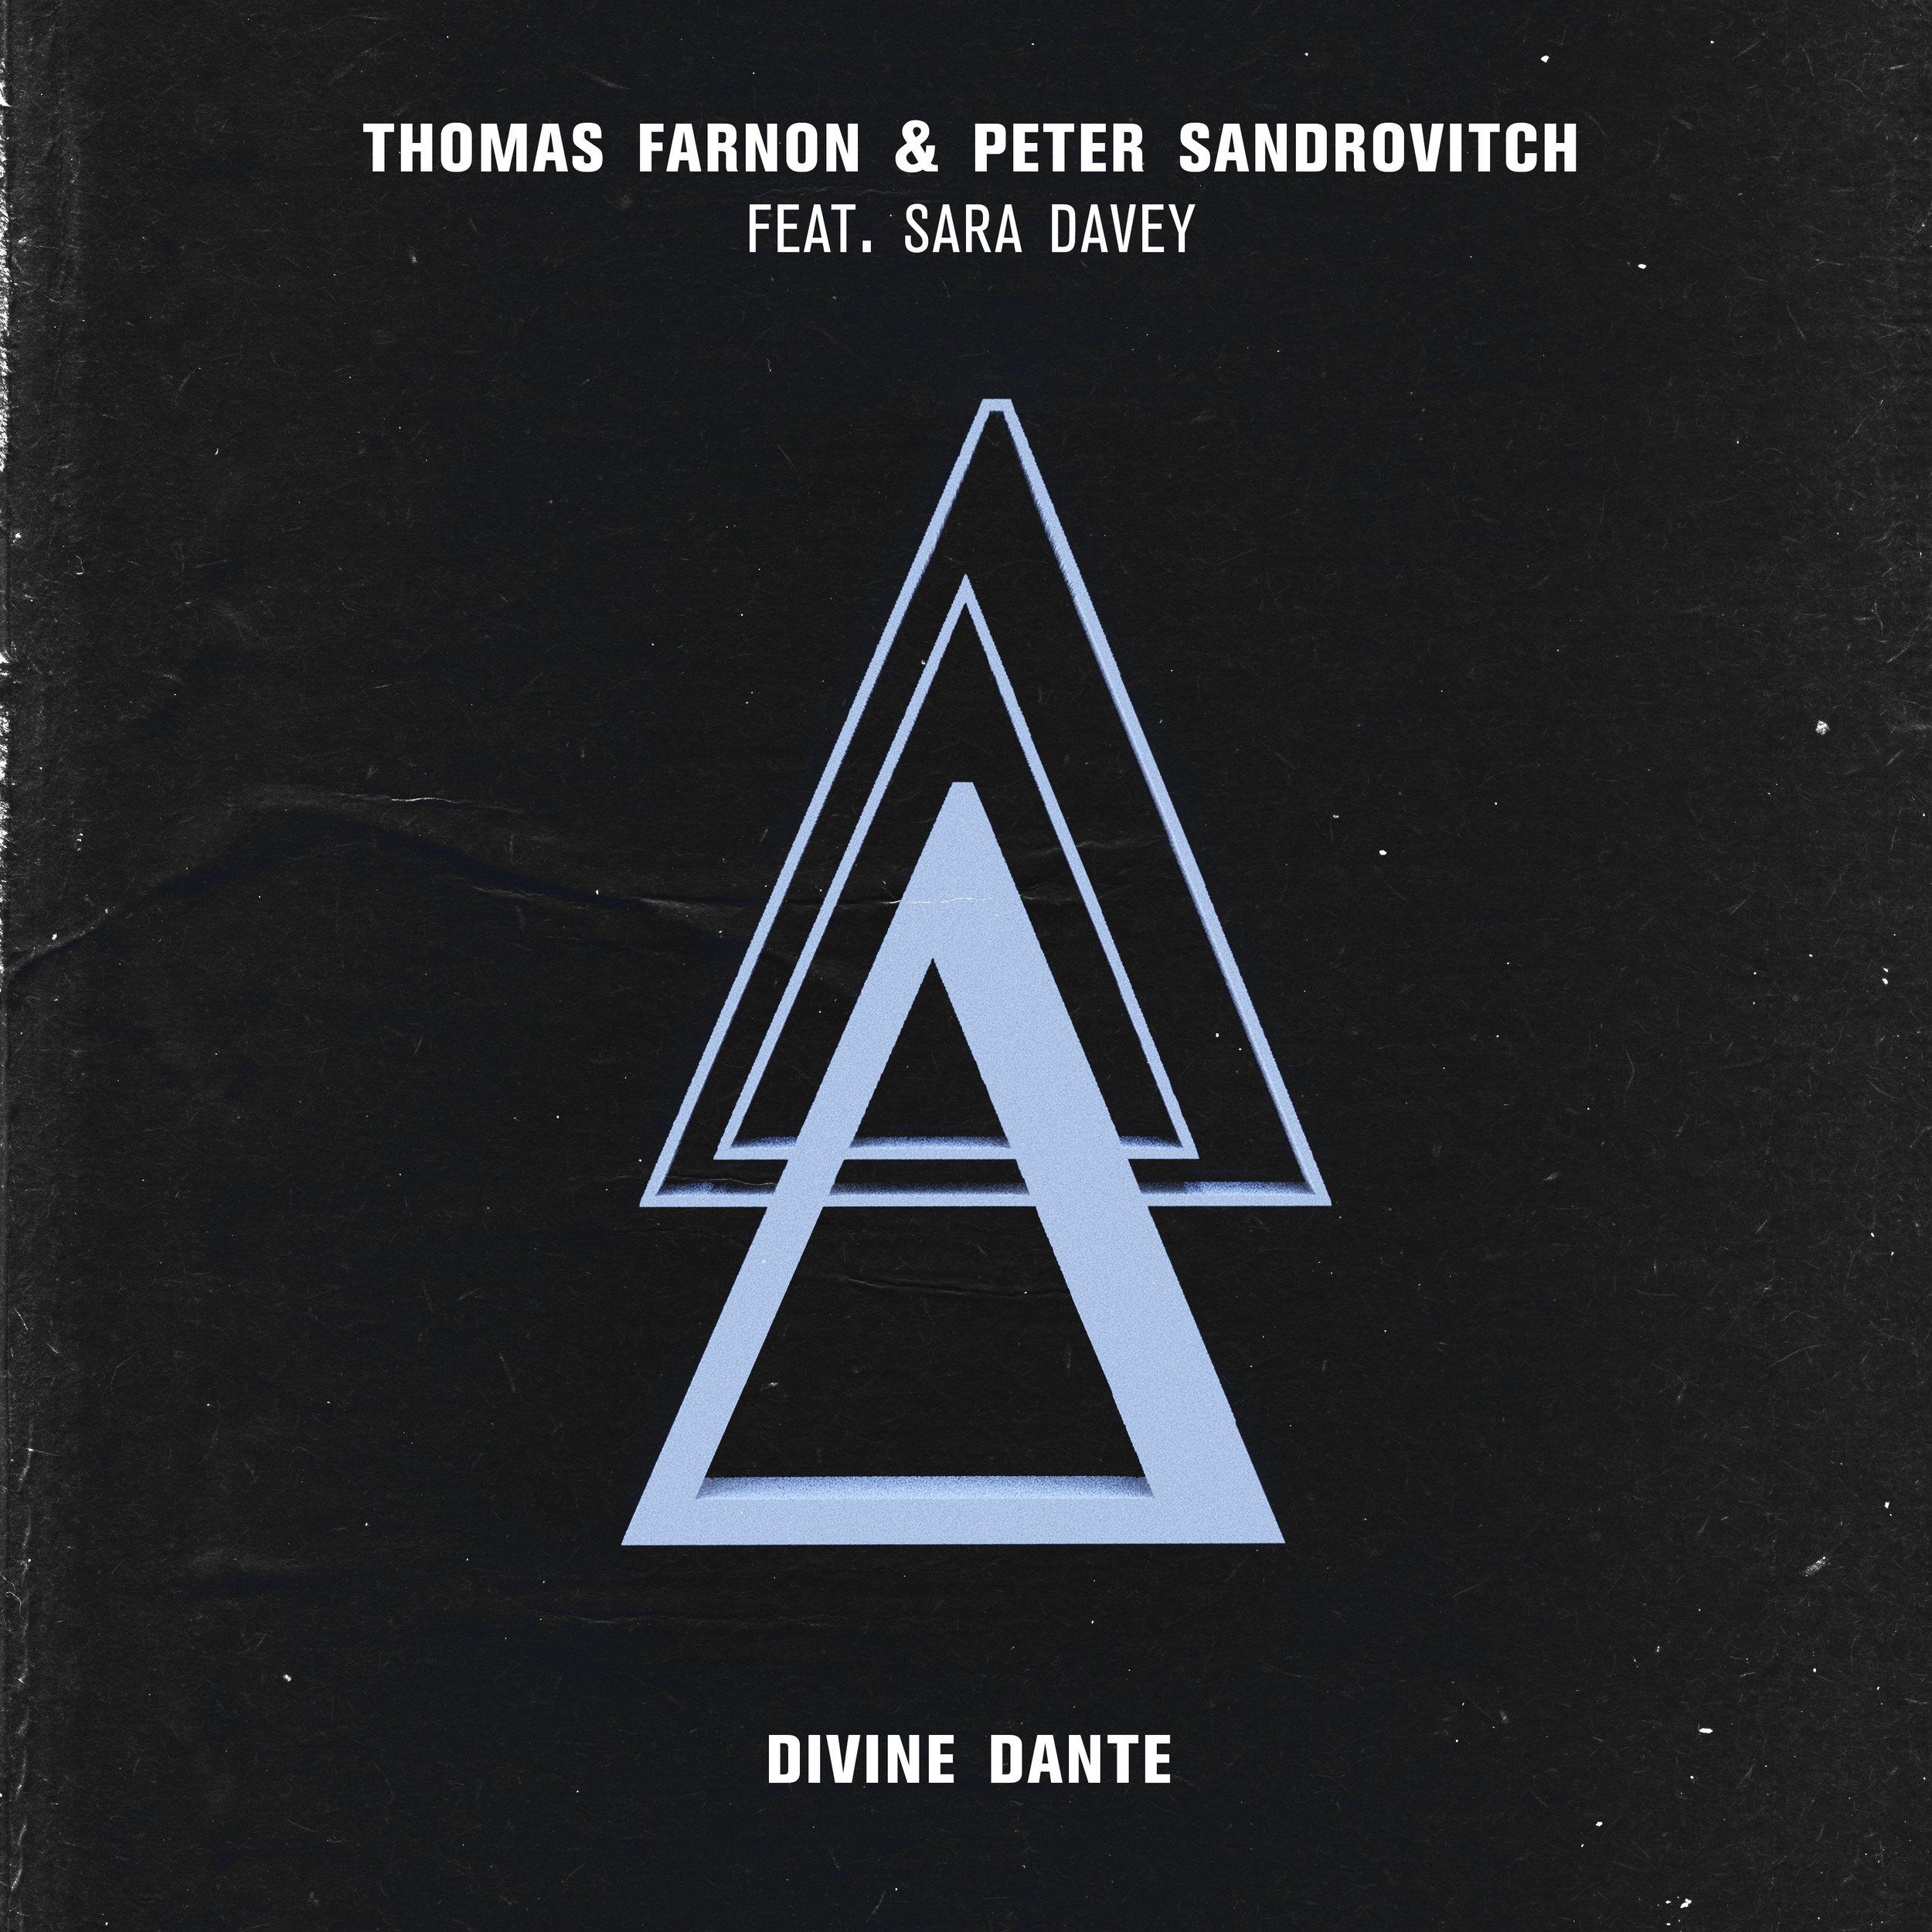 Divine Dante | Thomas Farnon & Peter Sandrovitch (2019) -